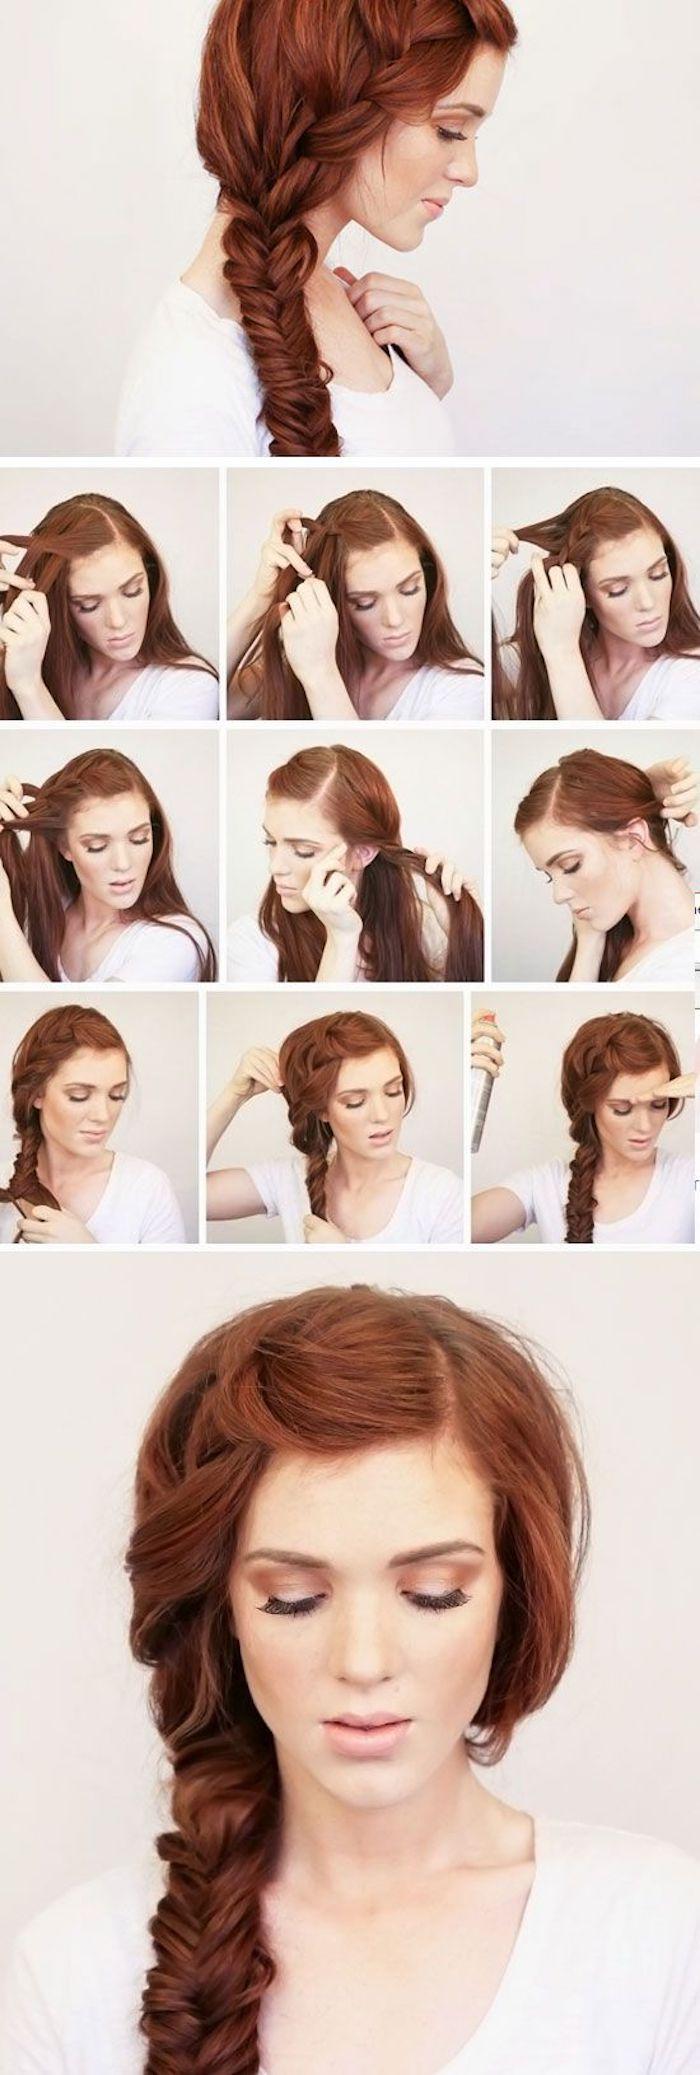 Mariage coiffure tresse longue, coiffure de mariage cheveux long, coiffure mariage bohème beauté, femme cheveux roux, belle couleur de cheveux, comment faire une longue tresse épais